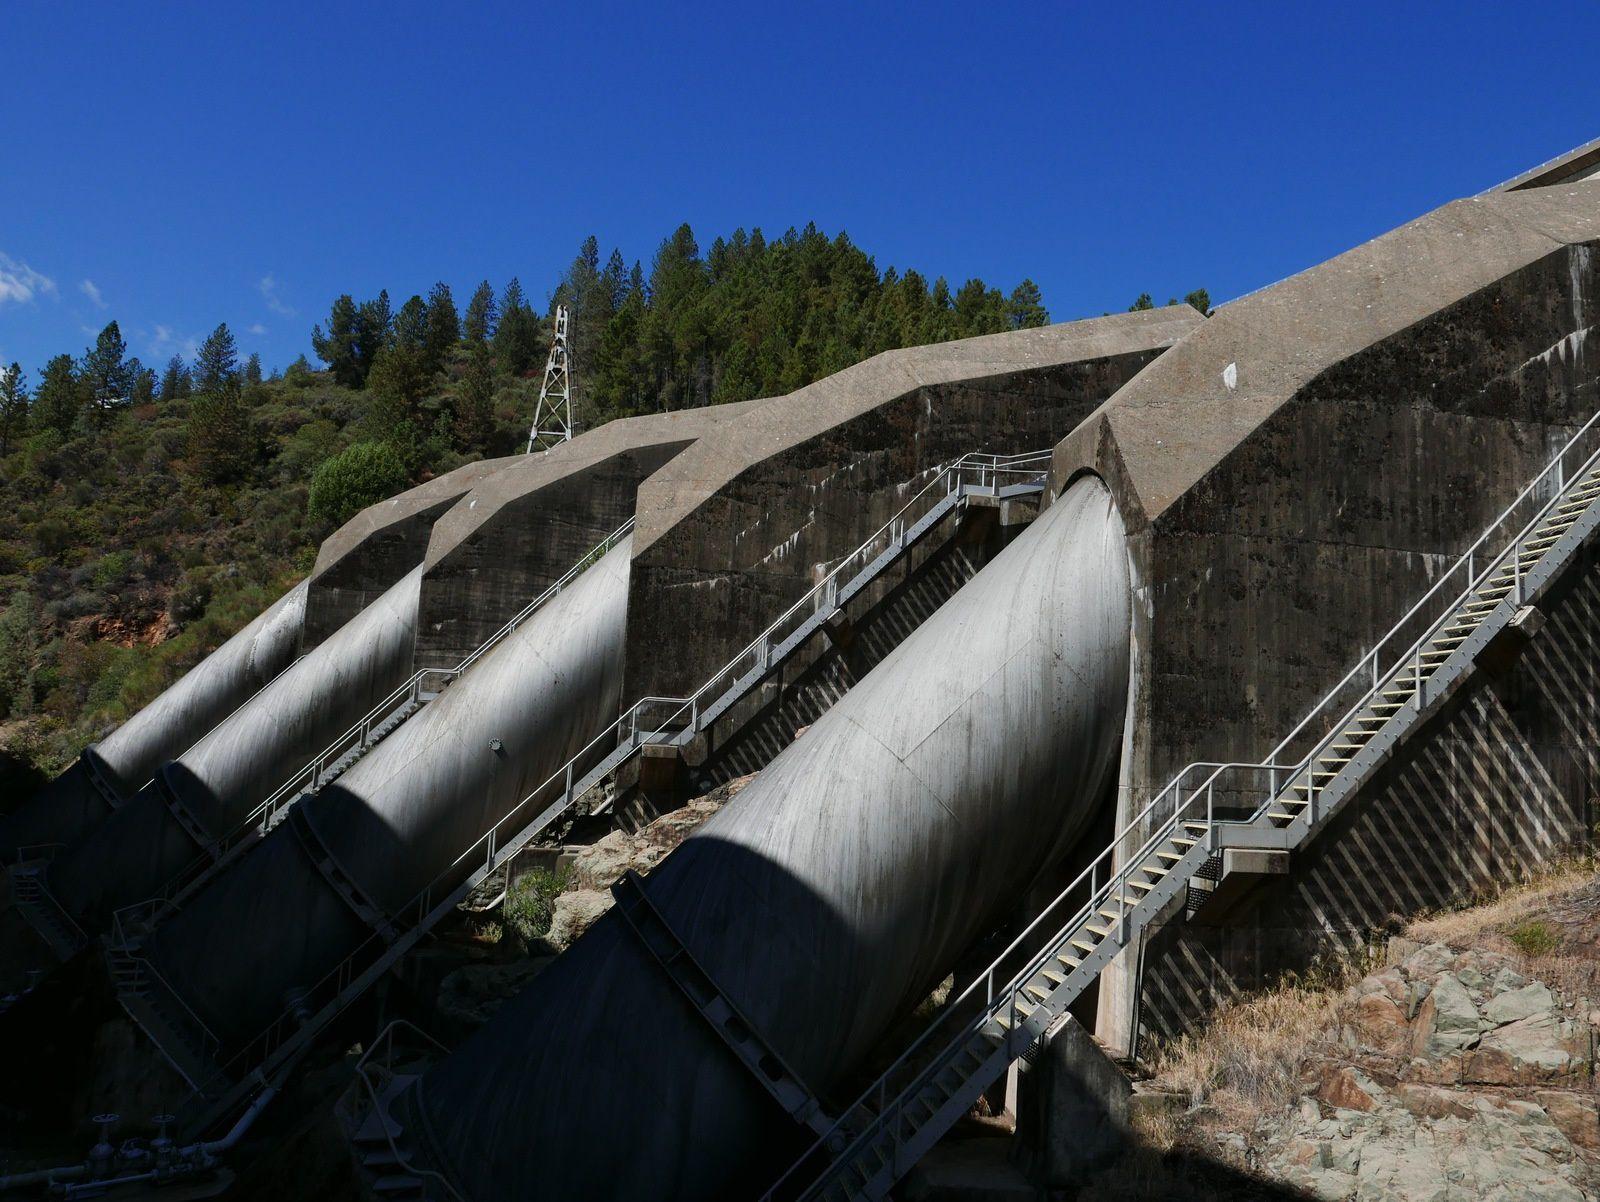 Shasta dam